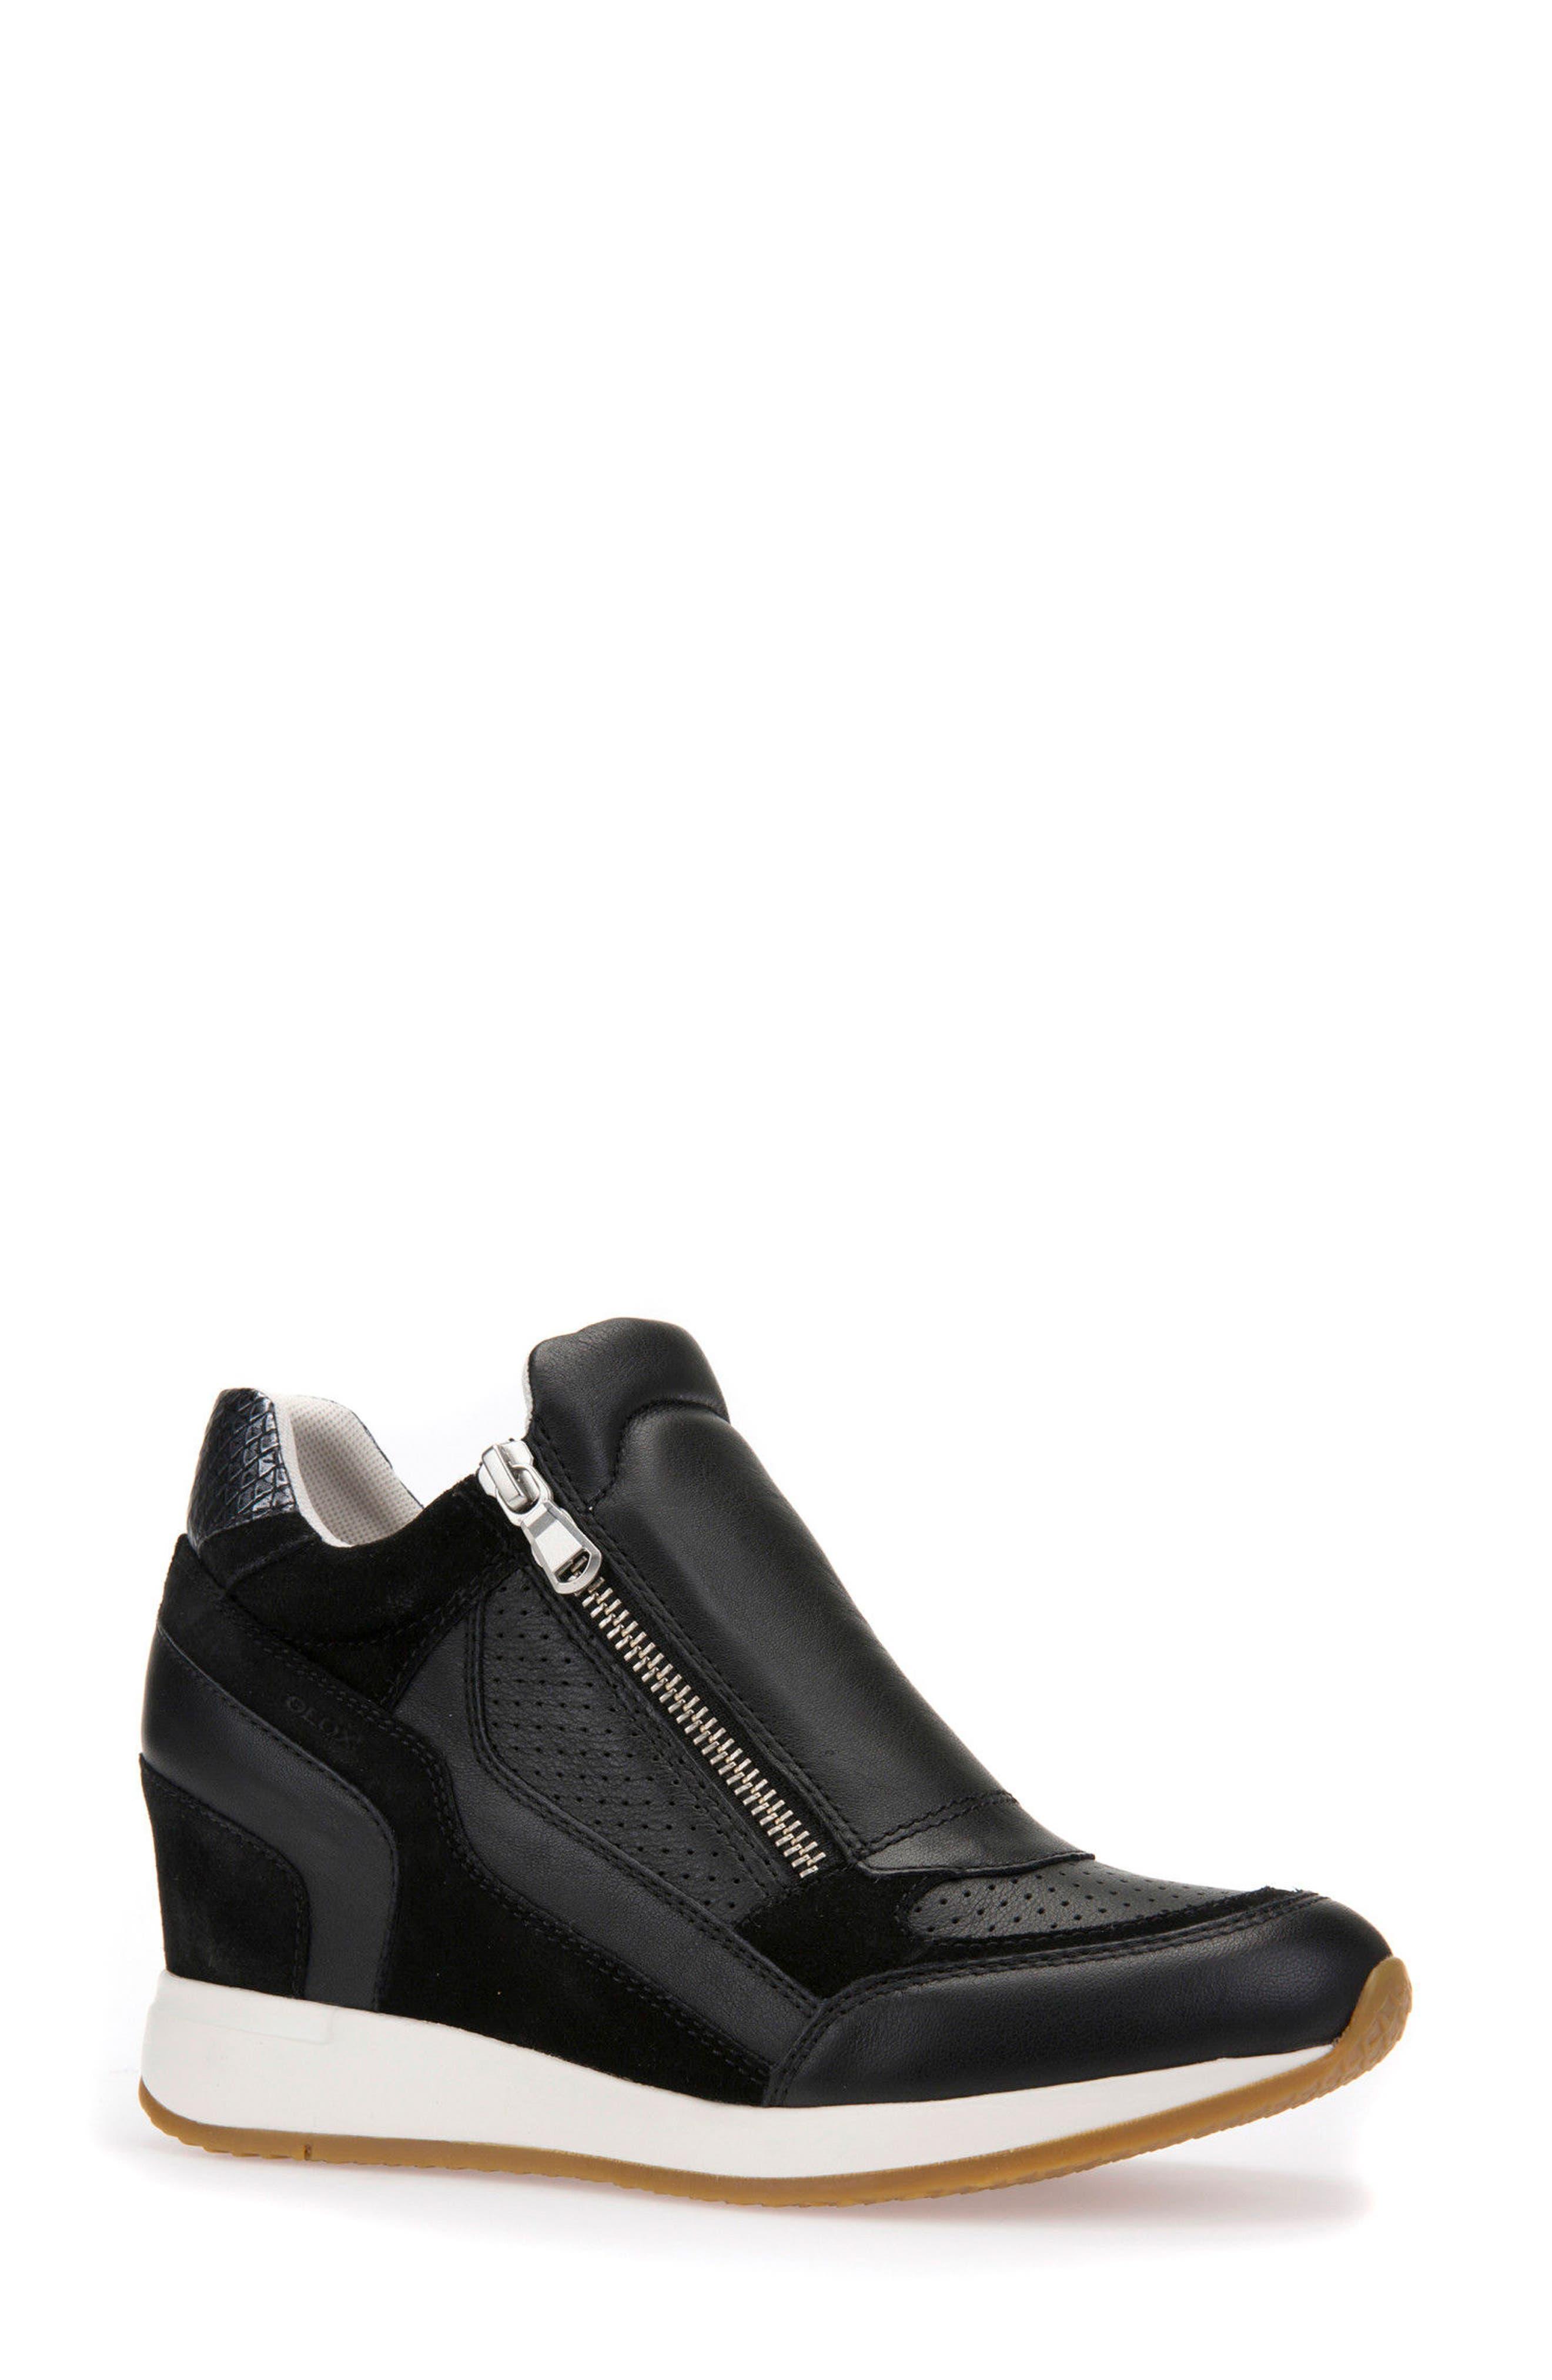 Alternate Image 1 Selected - Geox Nydame Wedge Sneaker (Women)